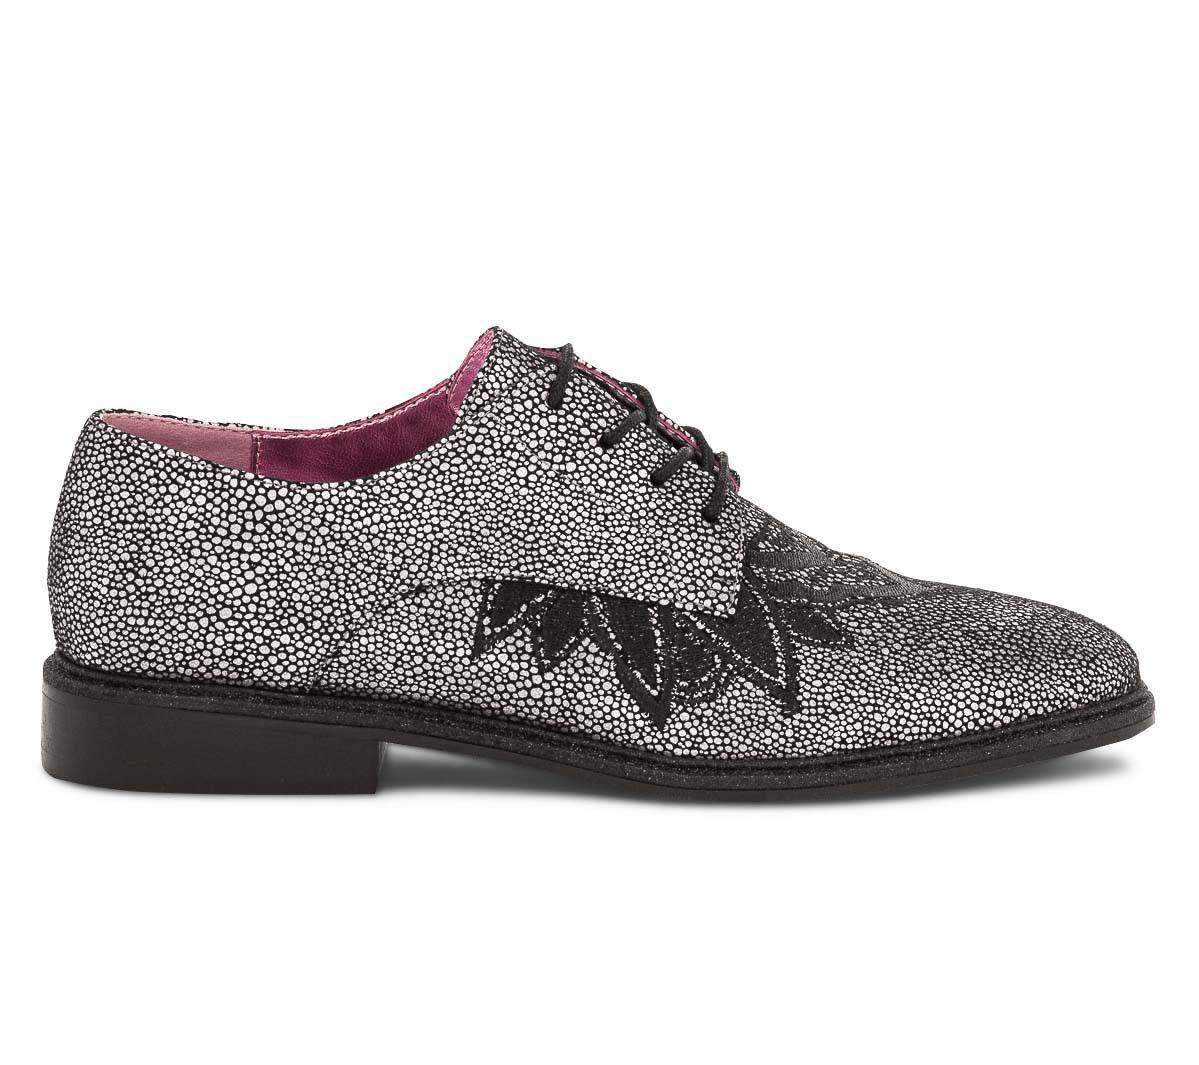 femme Chaussures Derby argent noir brodé et Derbies x8qRPwYq